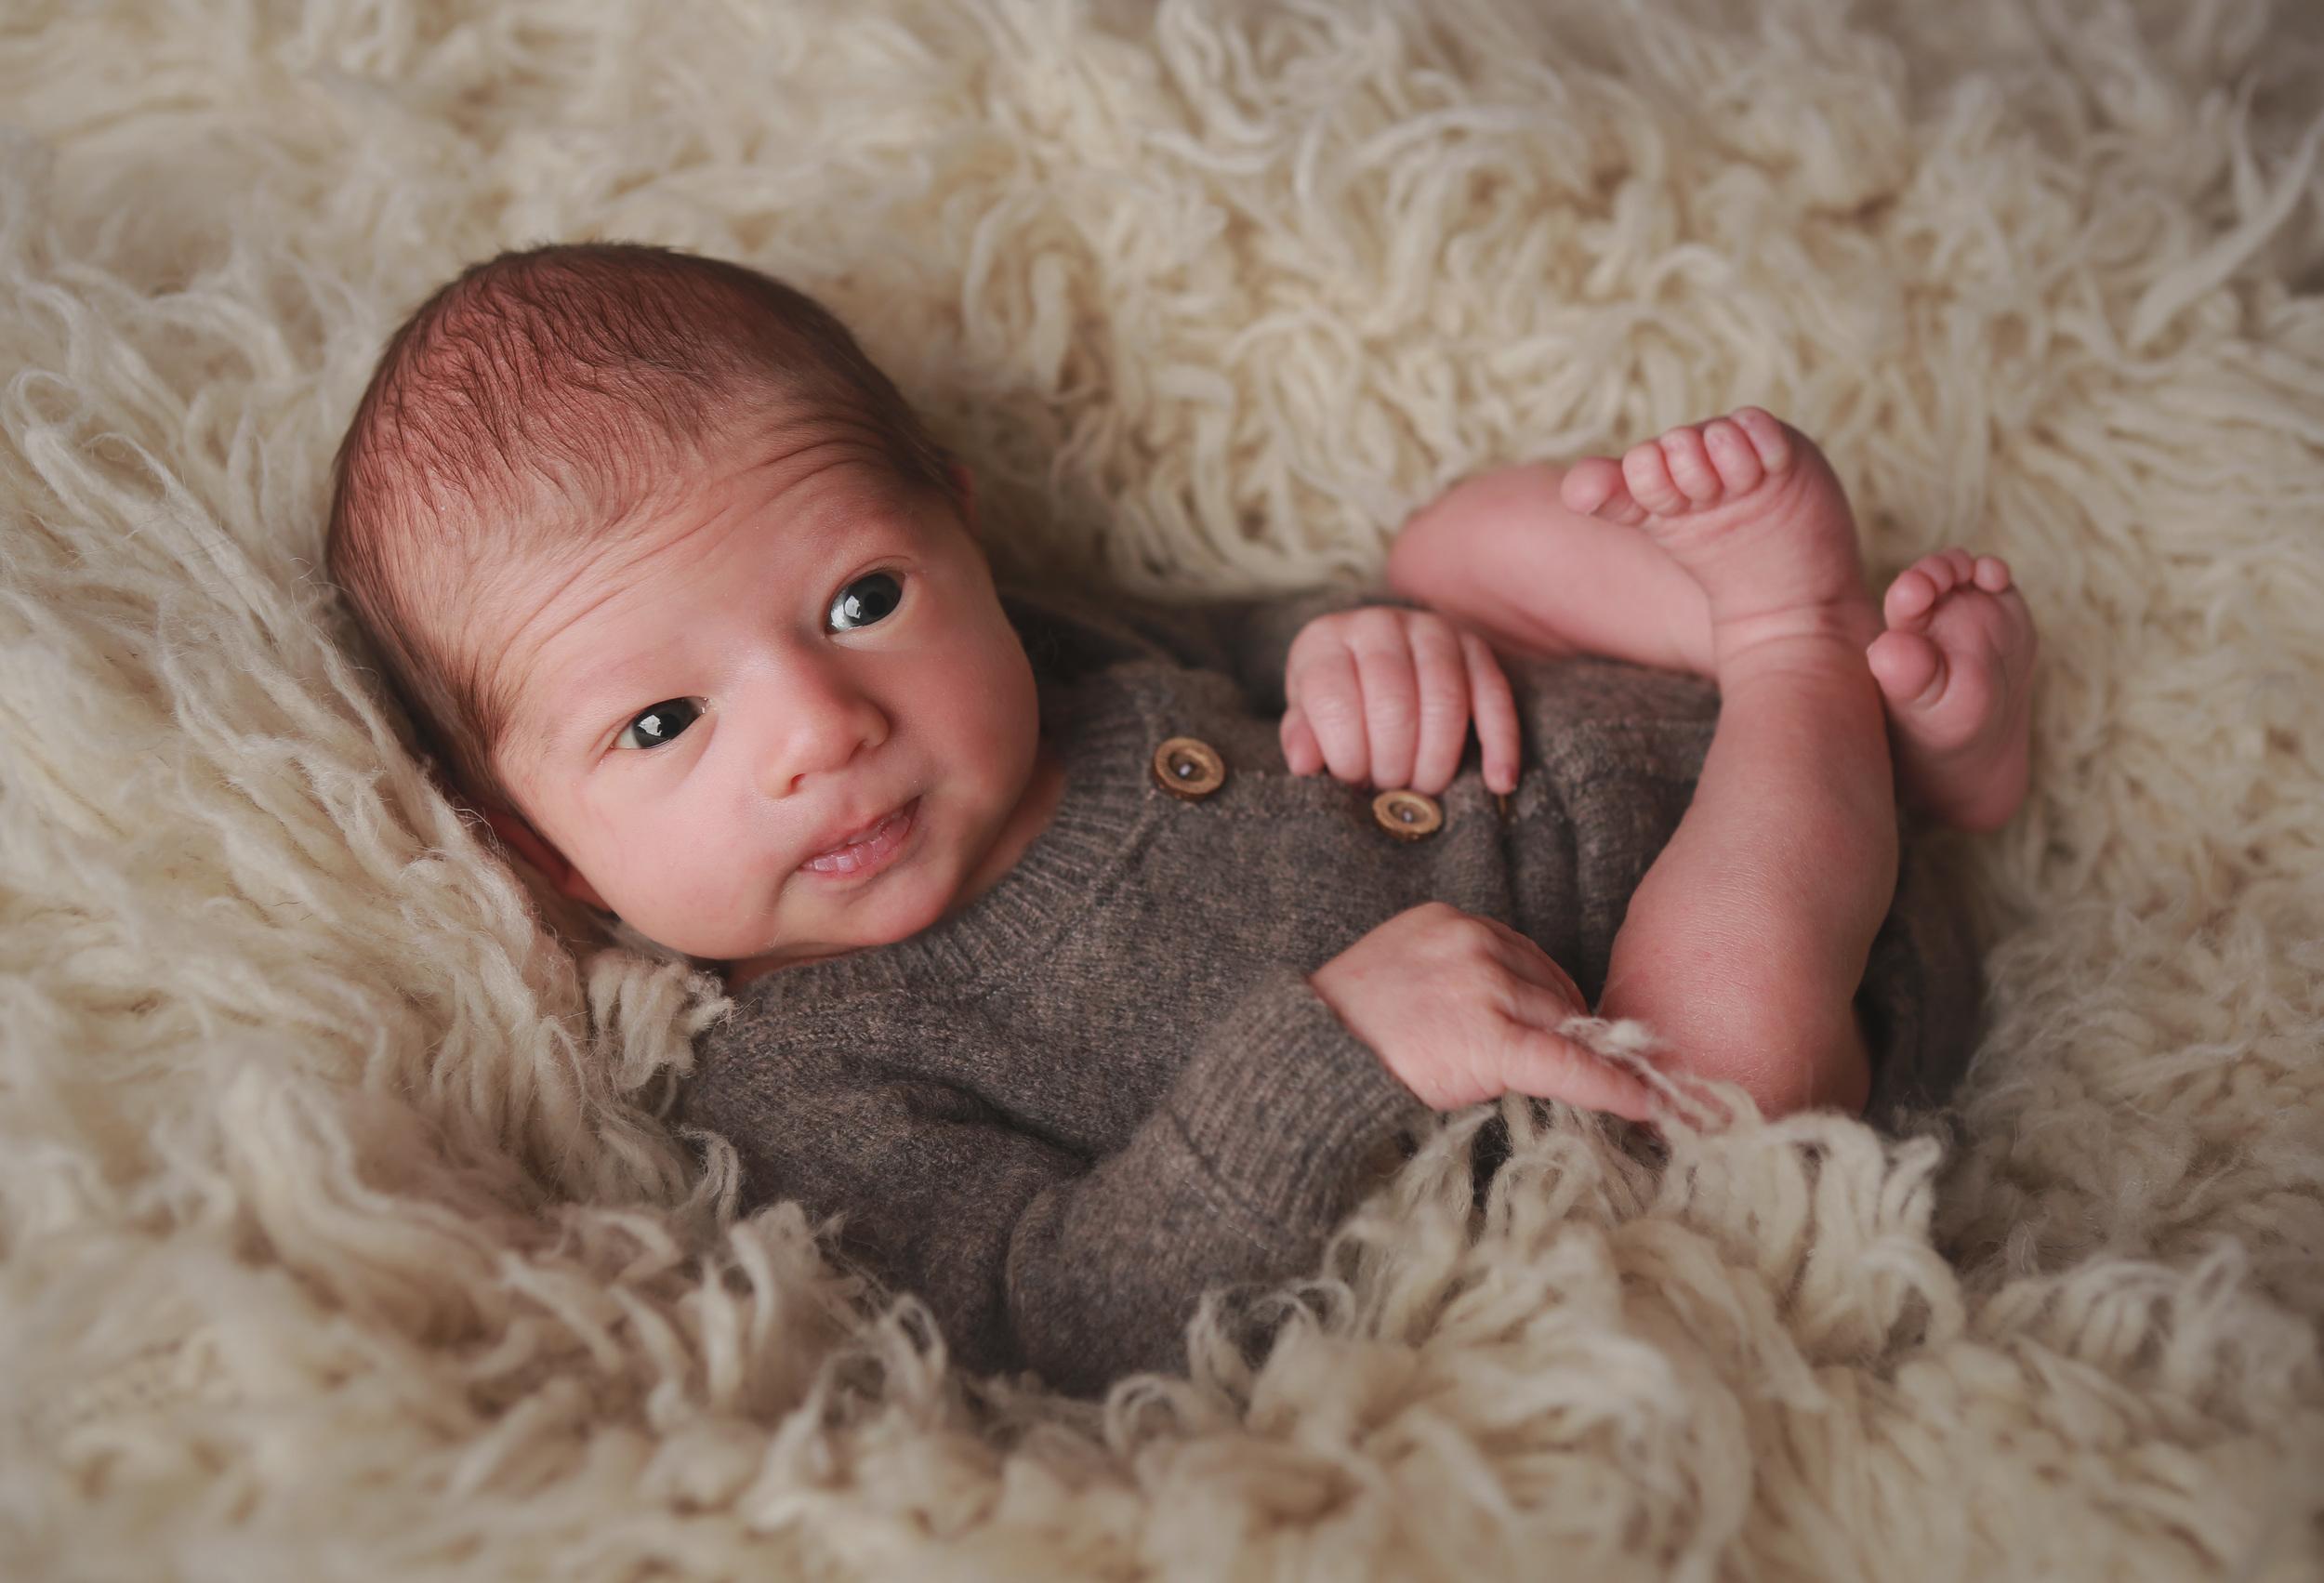 #newbornphotographybyjacki